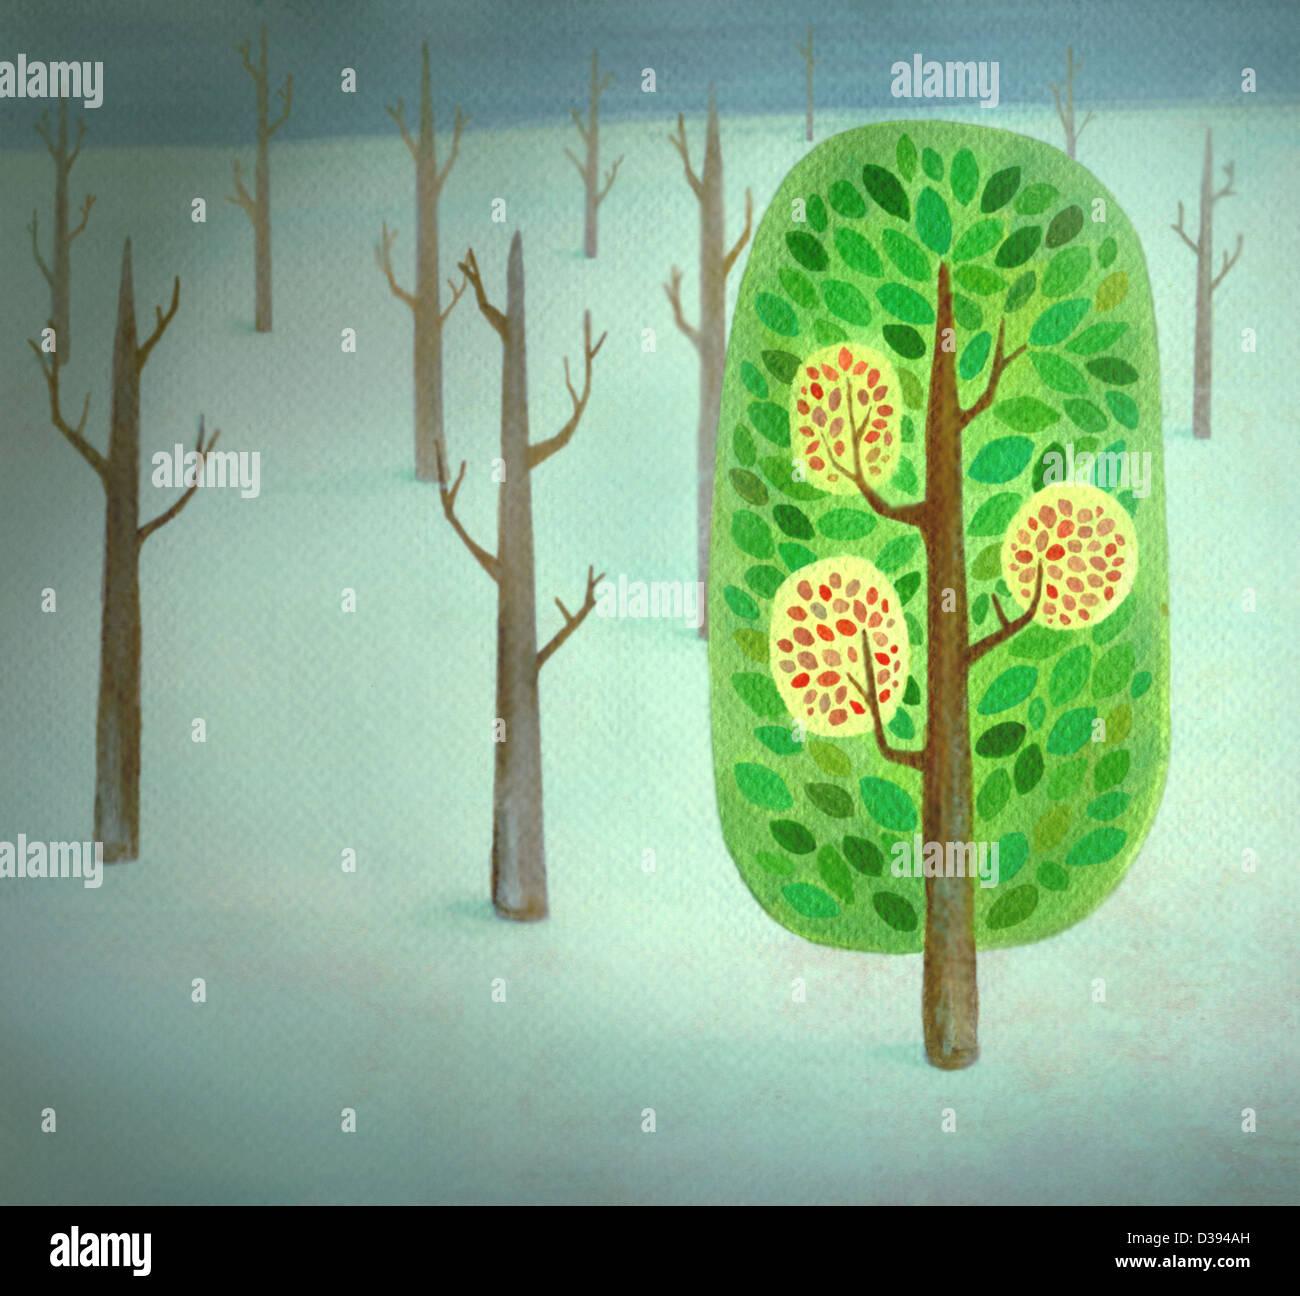 Un árbol de floración destacándose agregar desde árboles desnudo Imagen De Stock